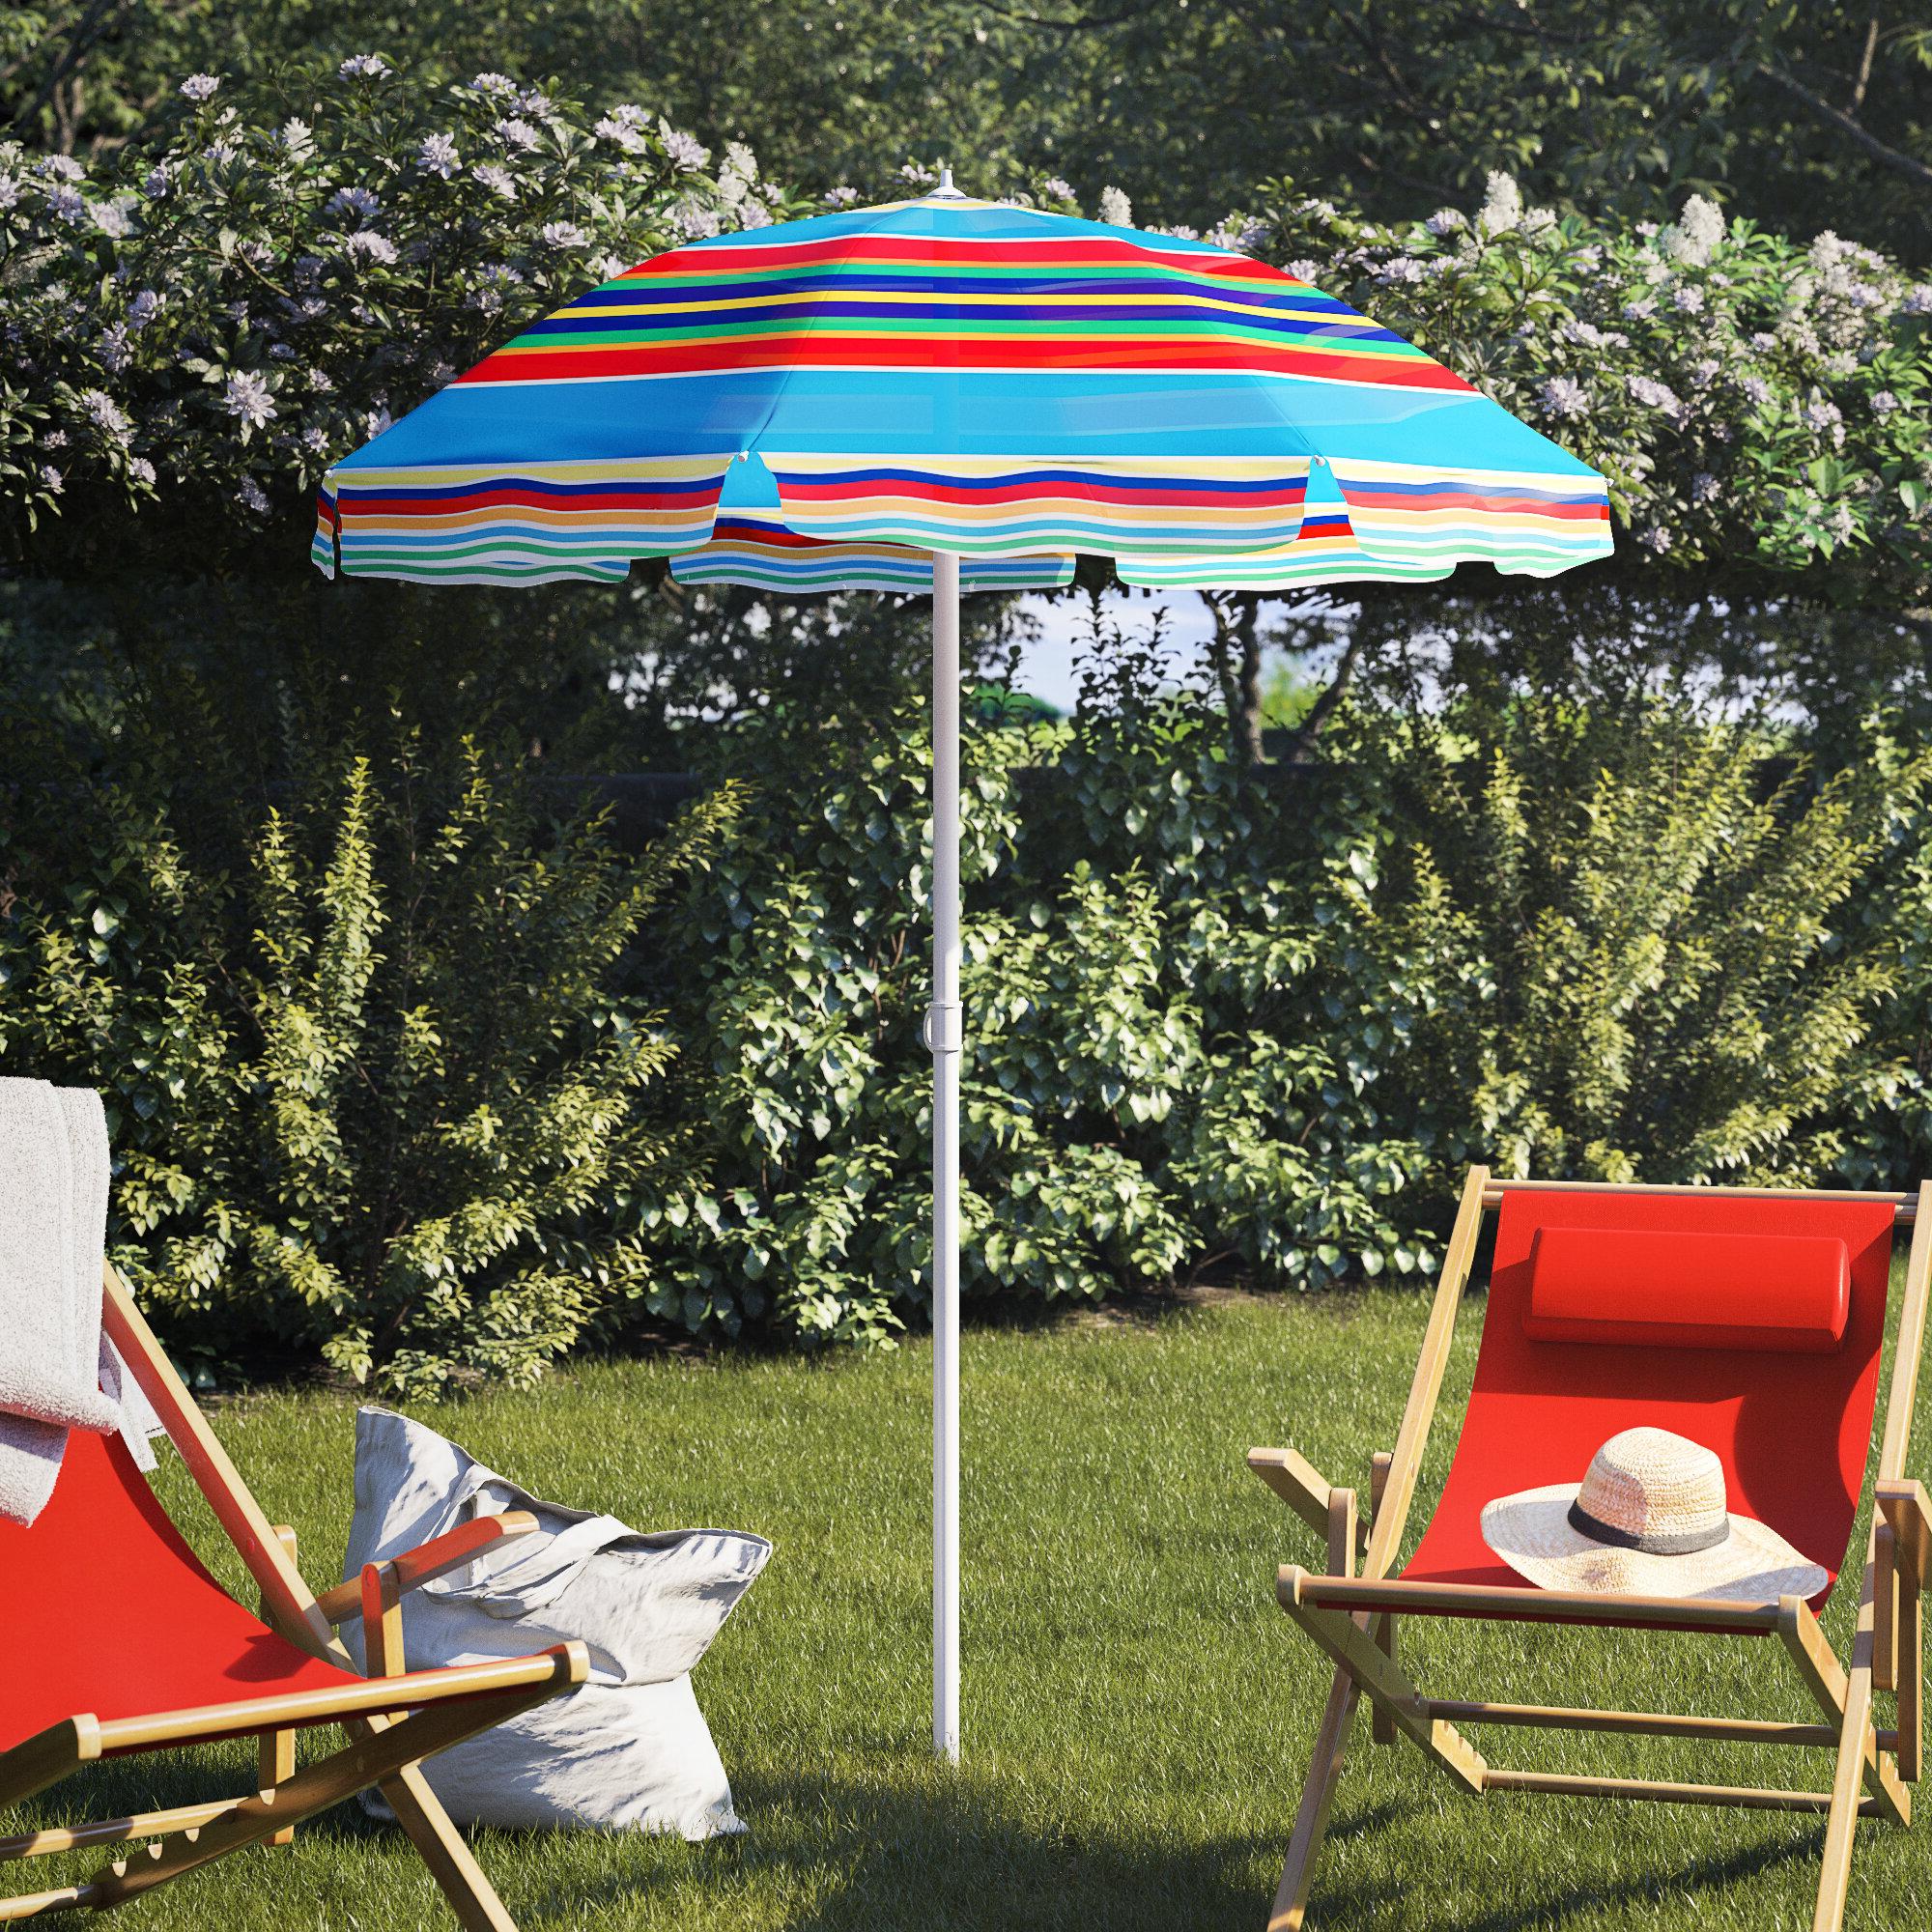 Auriville 5' Beach Umbrella Regarding Widely Used Capra Beach Umbrellas (View 8 of 20)